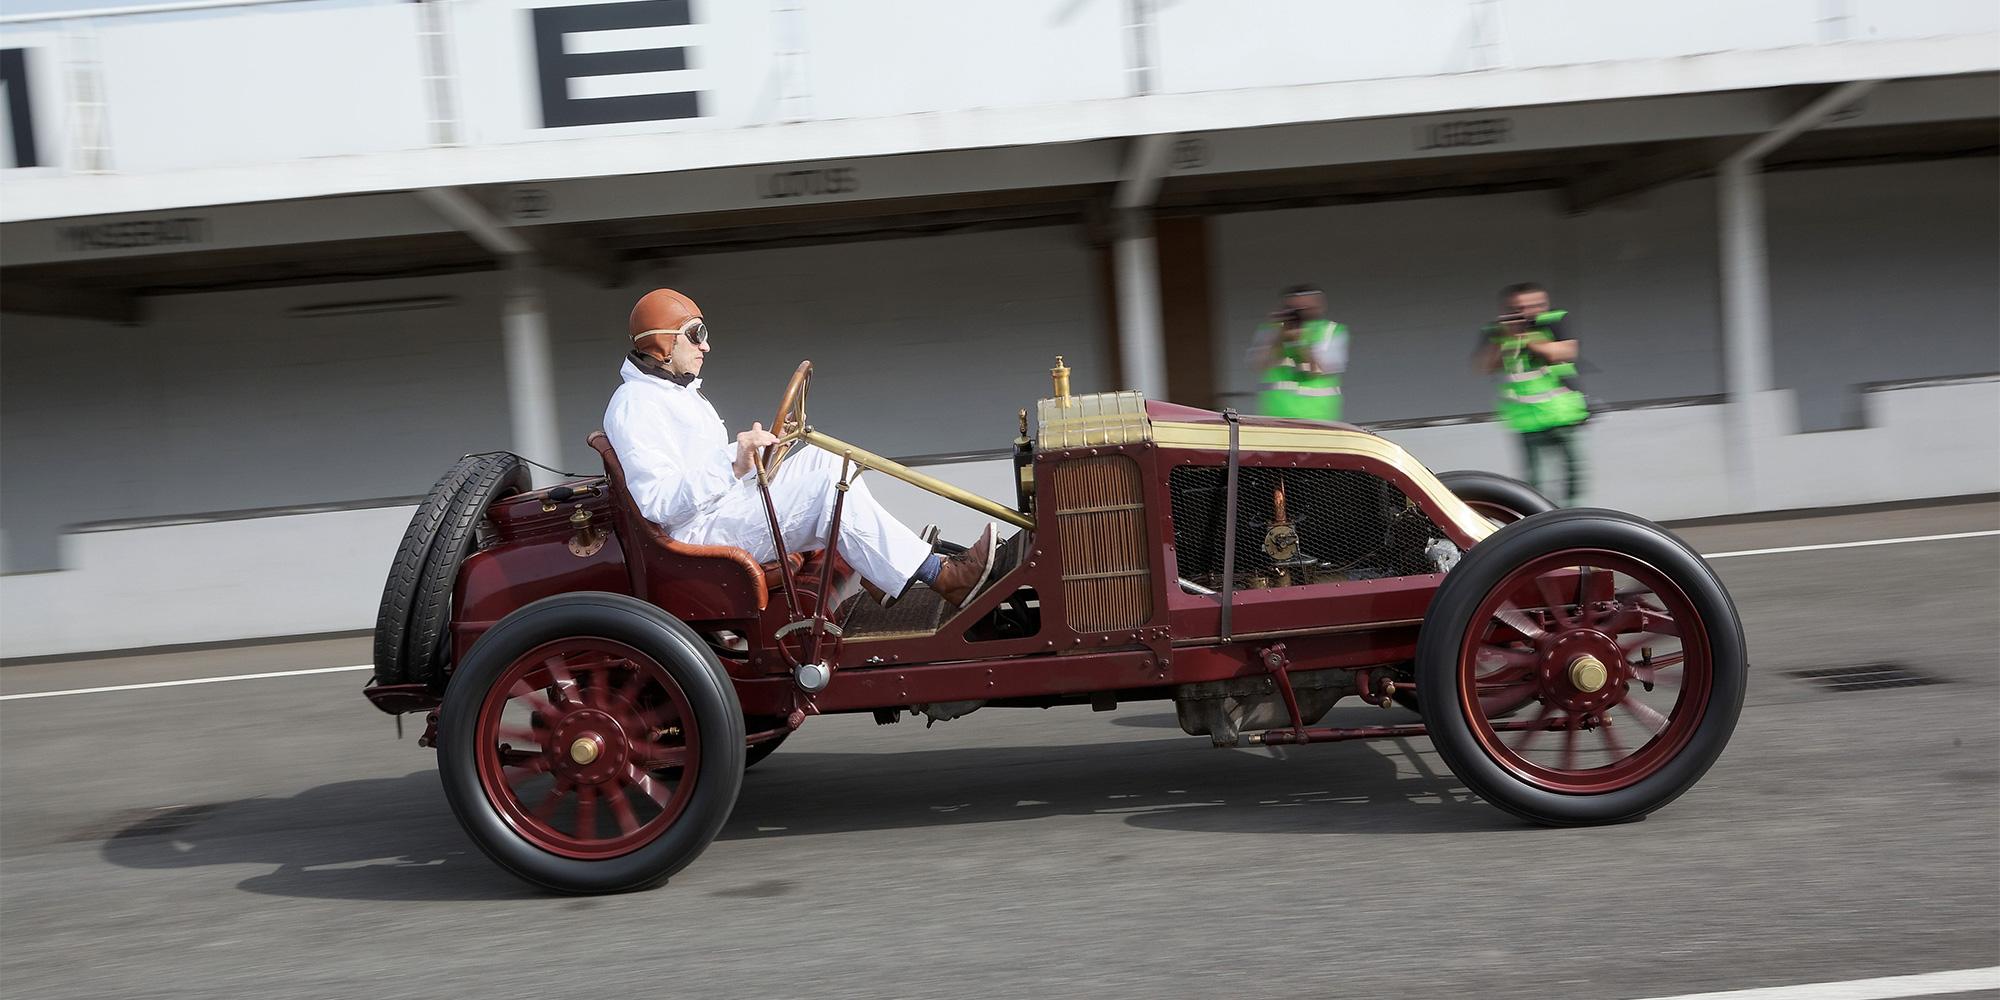 1906: Typ AK, Historie, Sieg beim Grand Prix von Frankreich, 2016